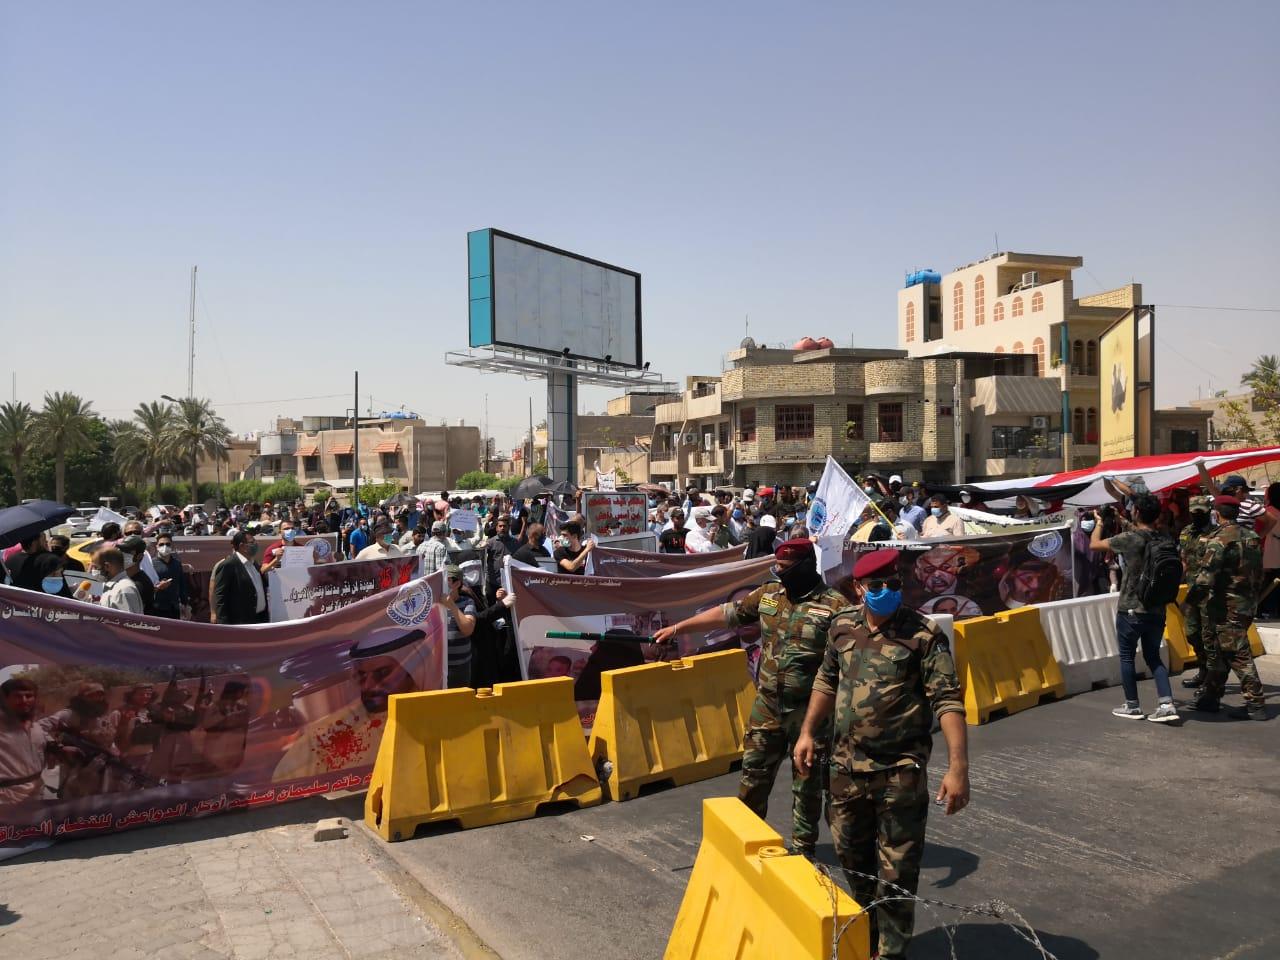 بالصور .. تظاهرة ضد تبرءة العيساوي